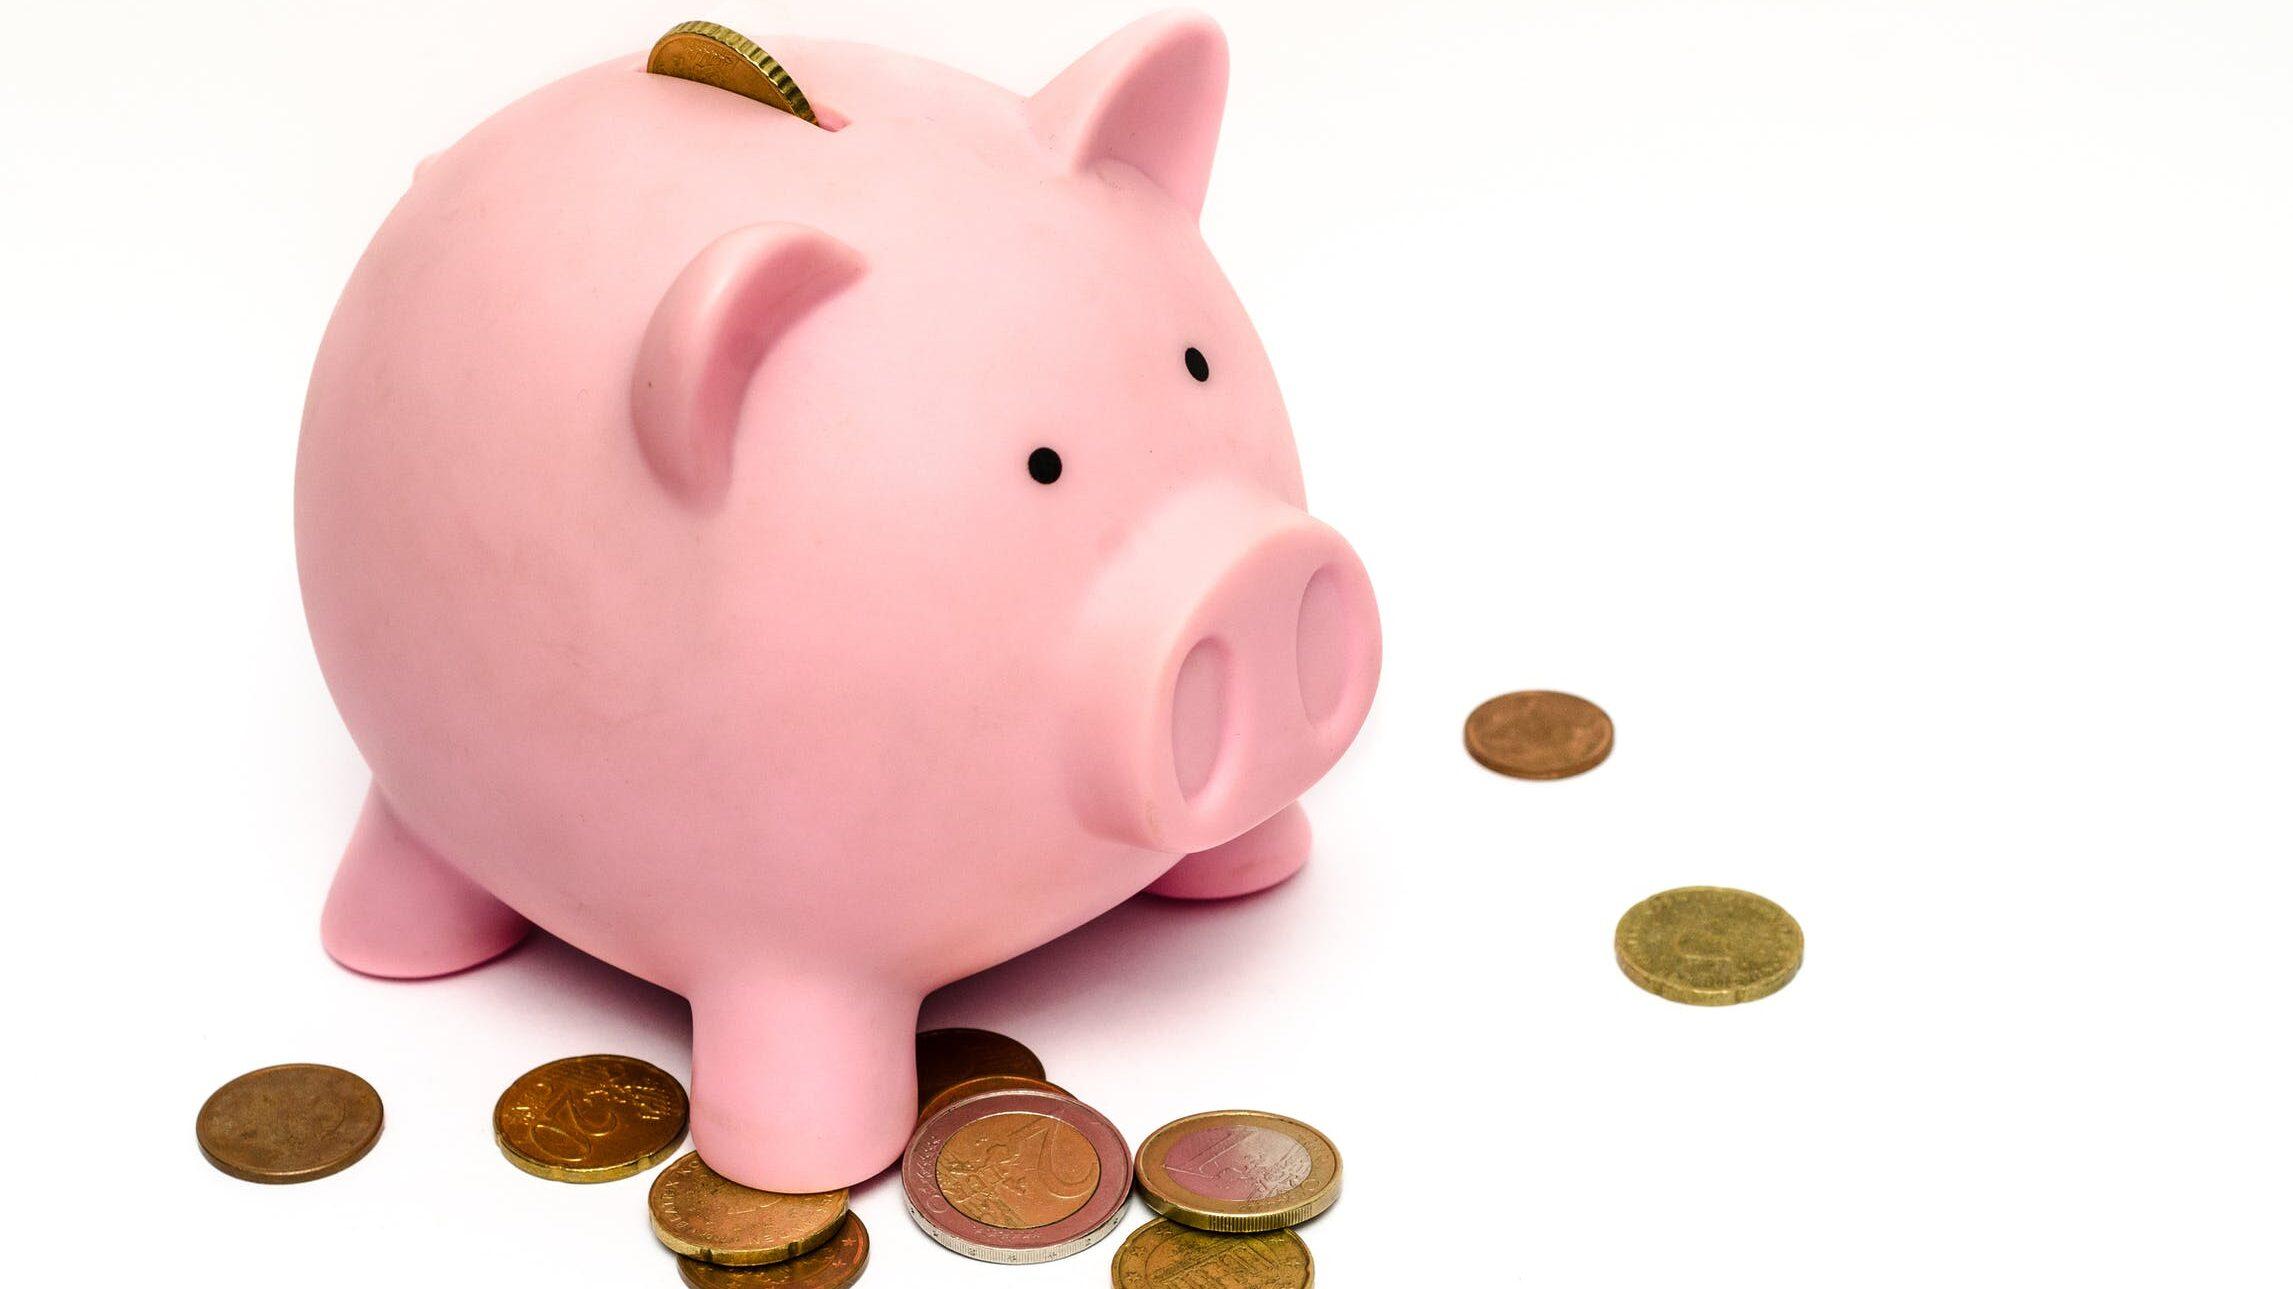 家計のお金やりくりをつけるって何をつける?のイメージ画像2